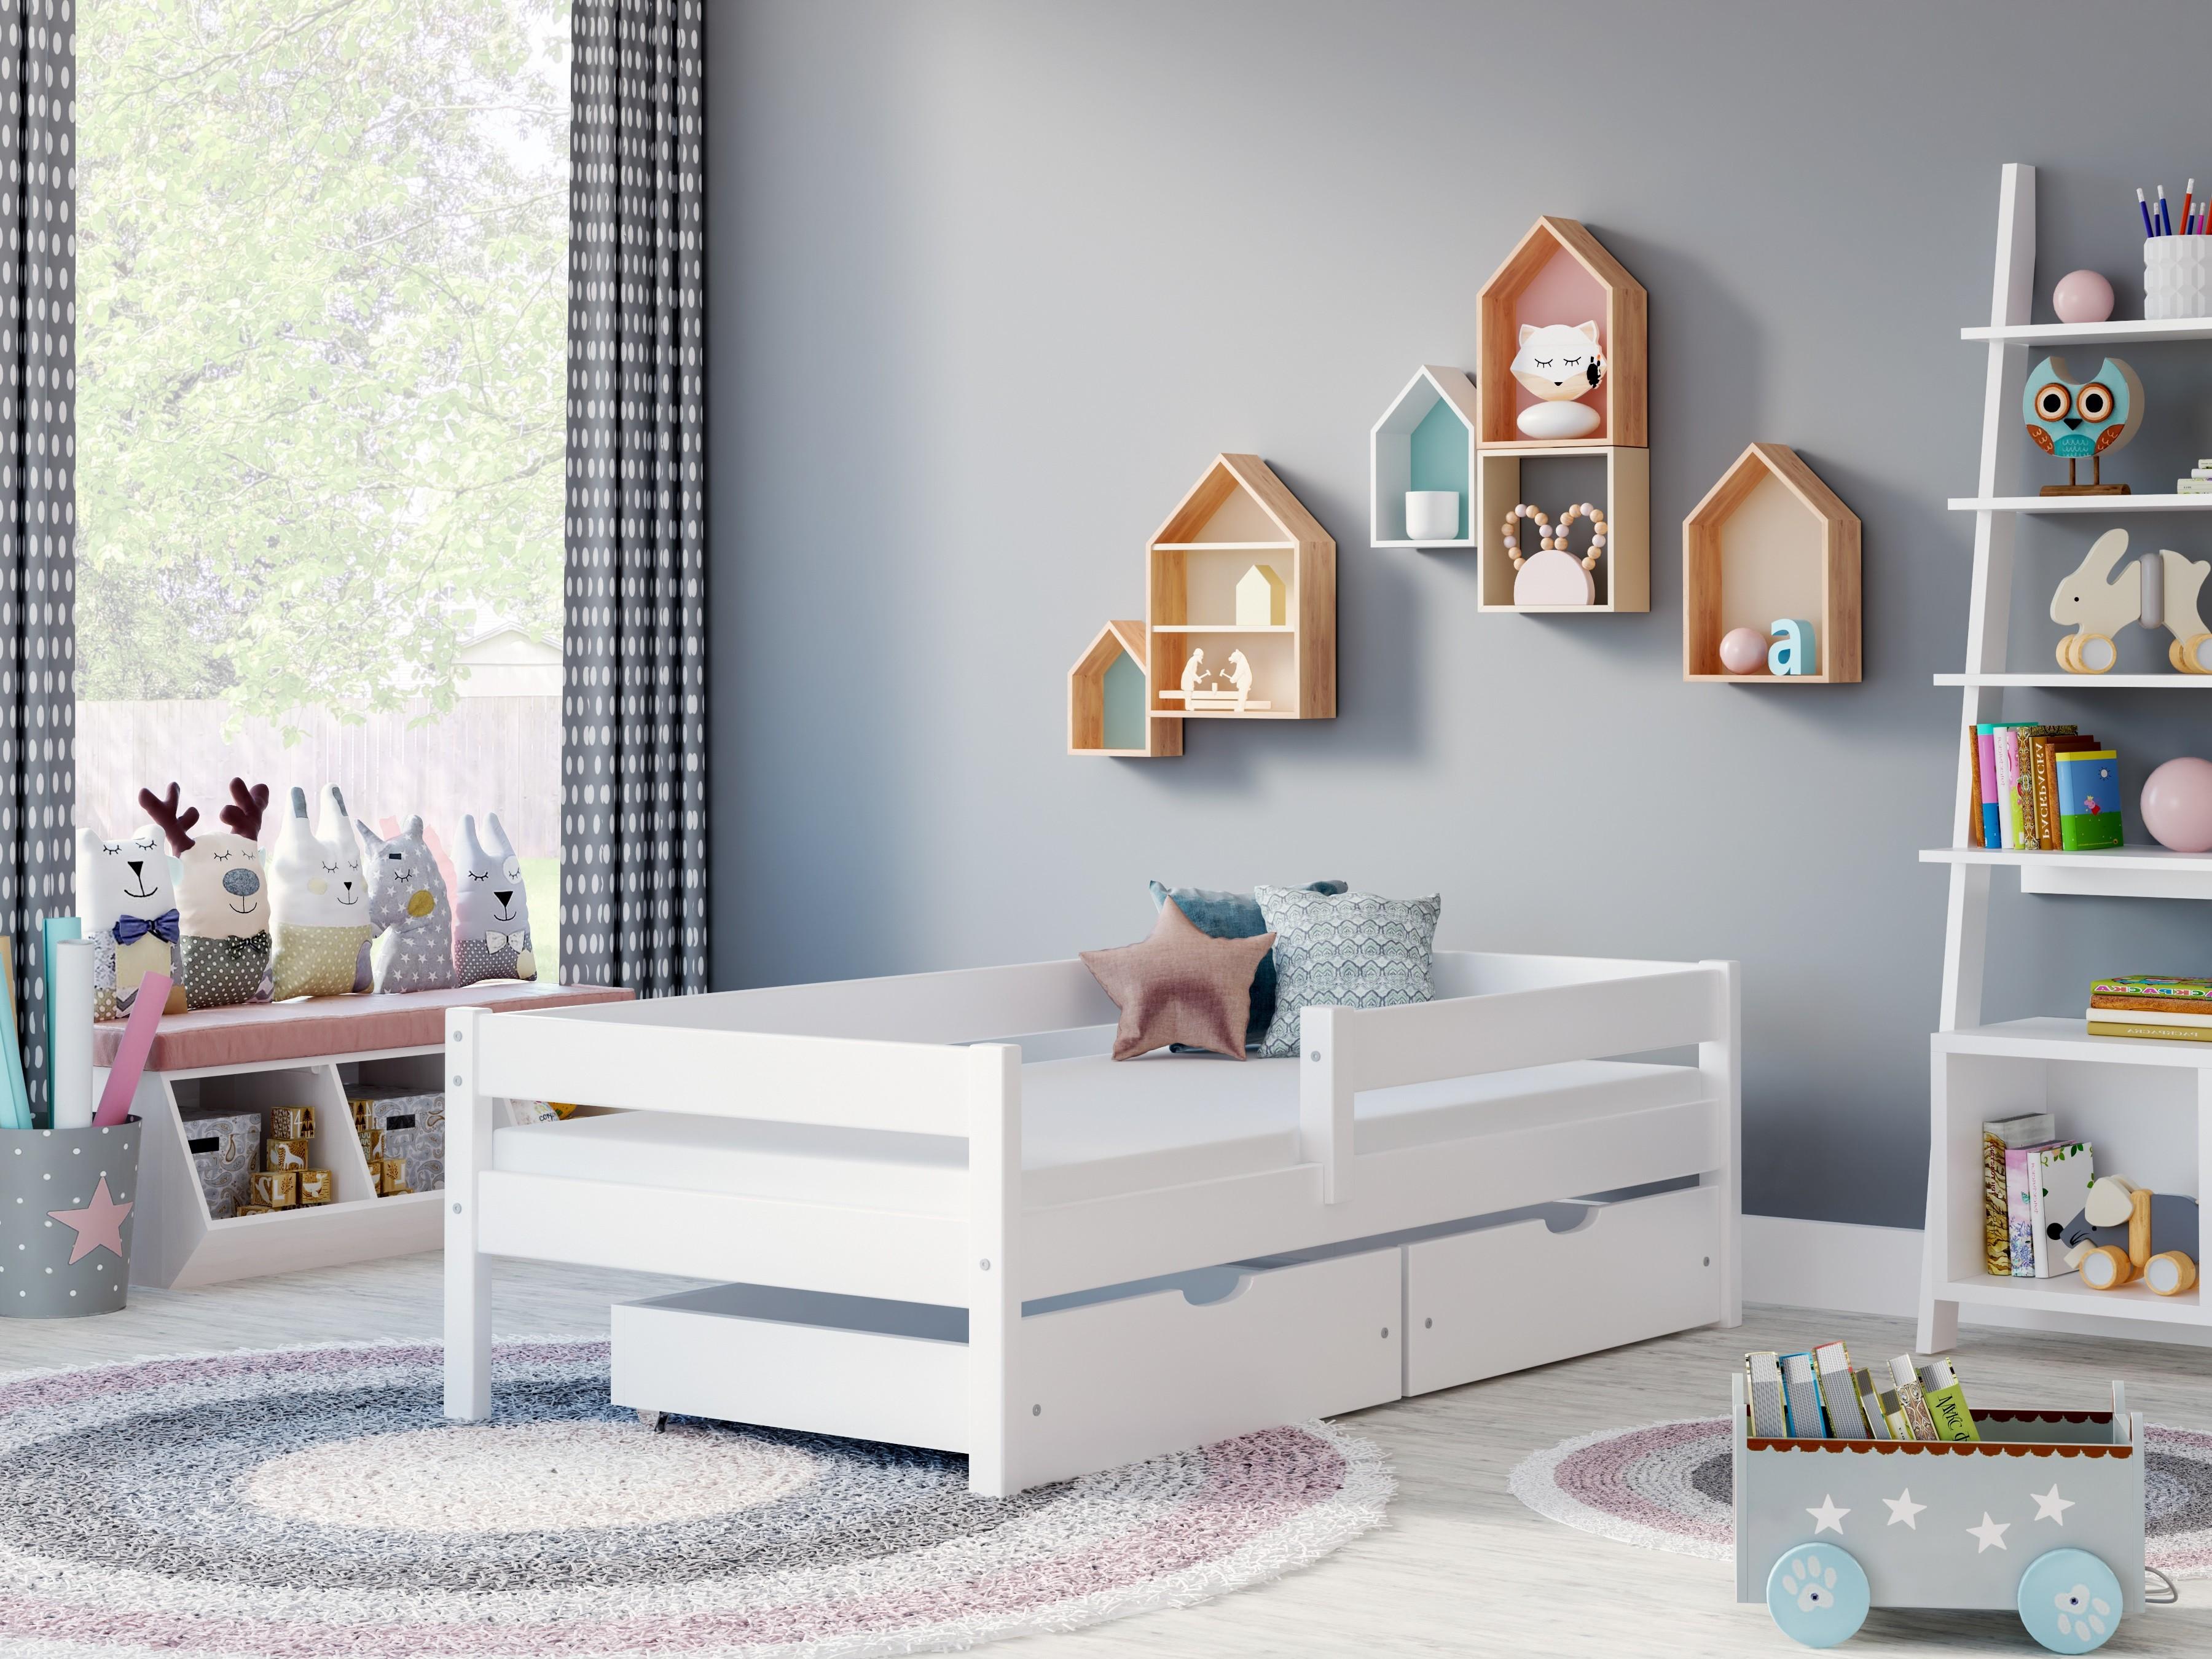 Jednolôžková posteľ Filip - biela bez zásuviek